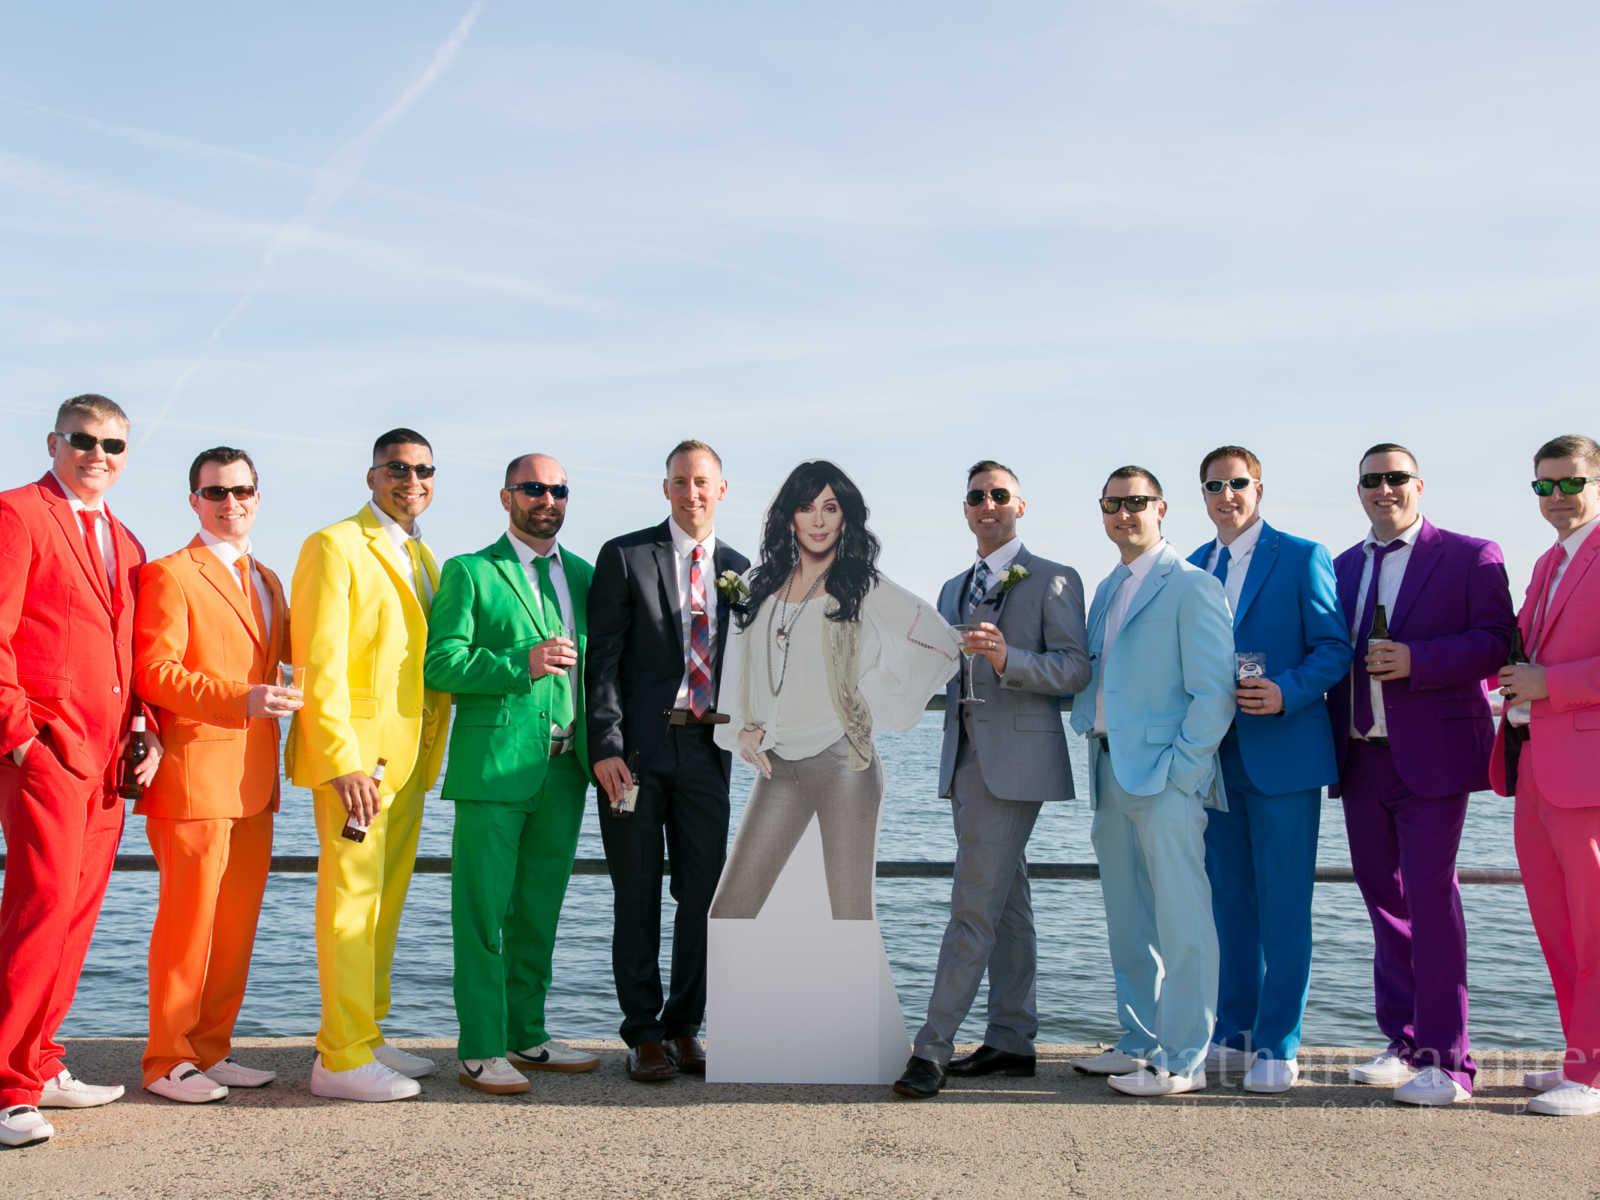 Usando ternos com cores do arco-íris padrinhos fazem surpresa no casamento de amigo 4